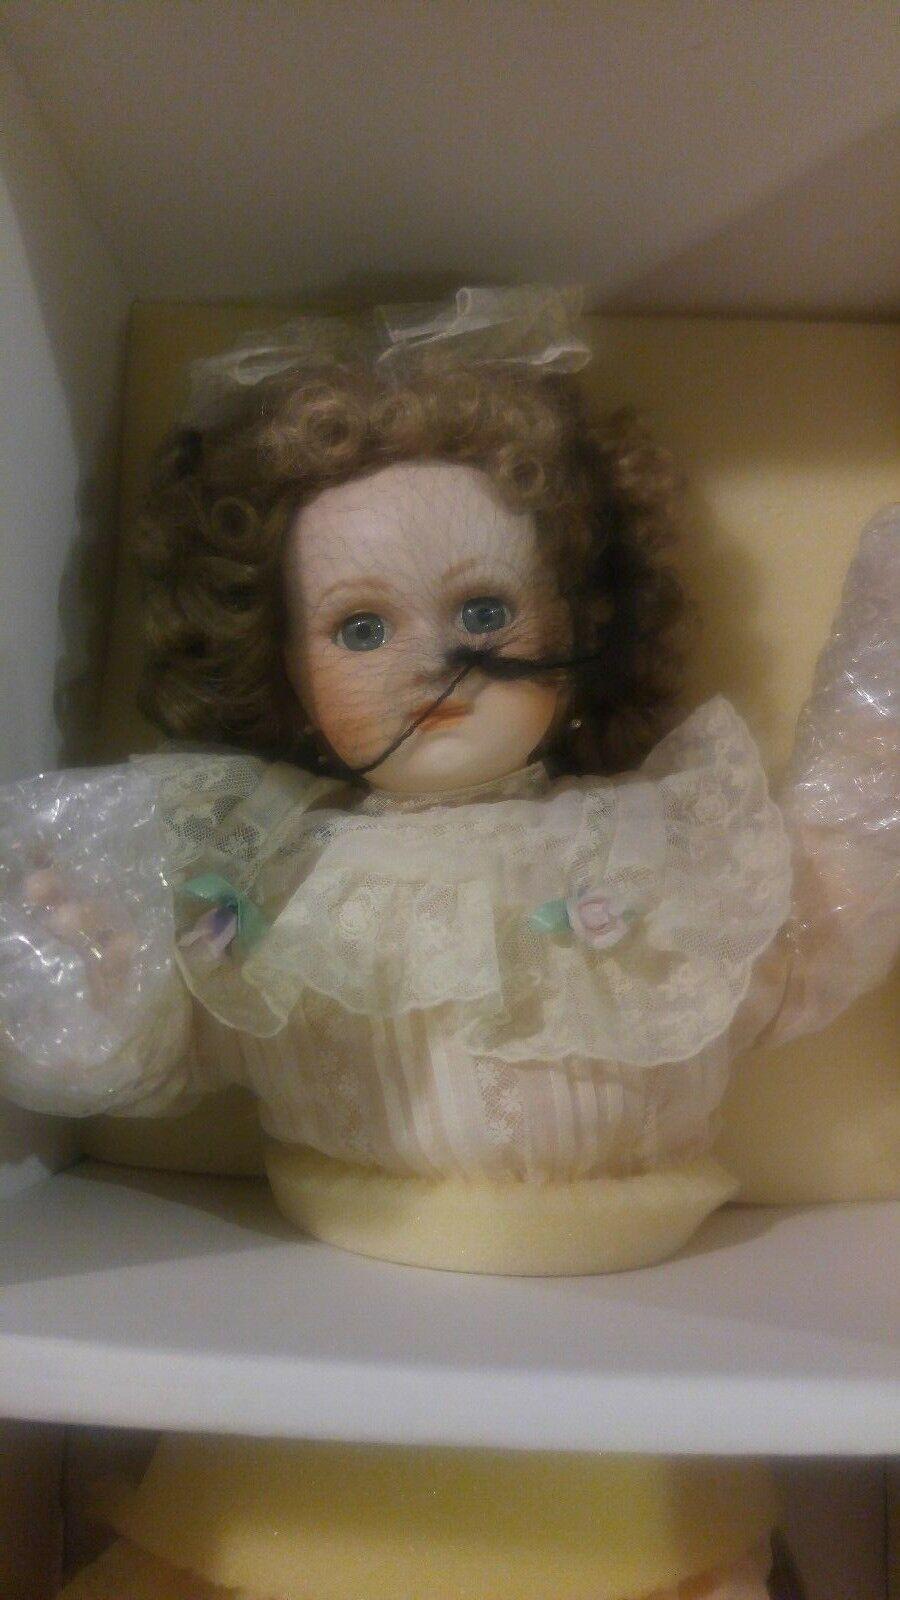 Franklin Mint reliquia colector muñeca De Porcelana Bebé